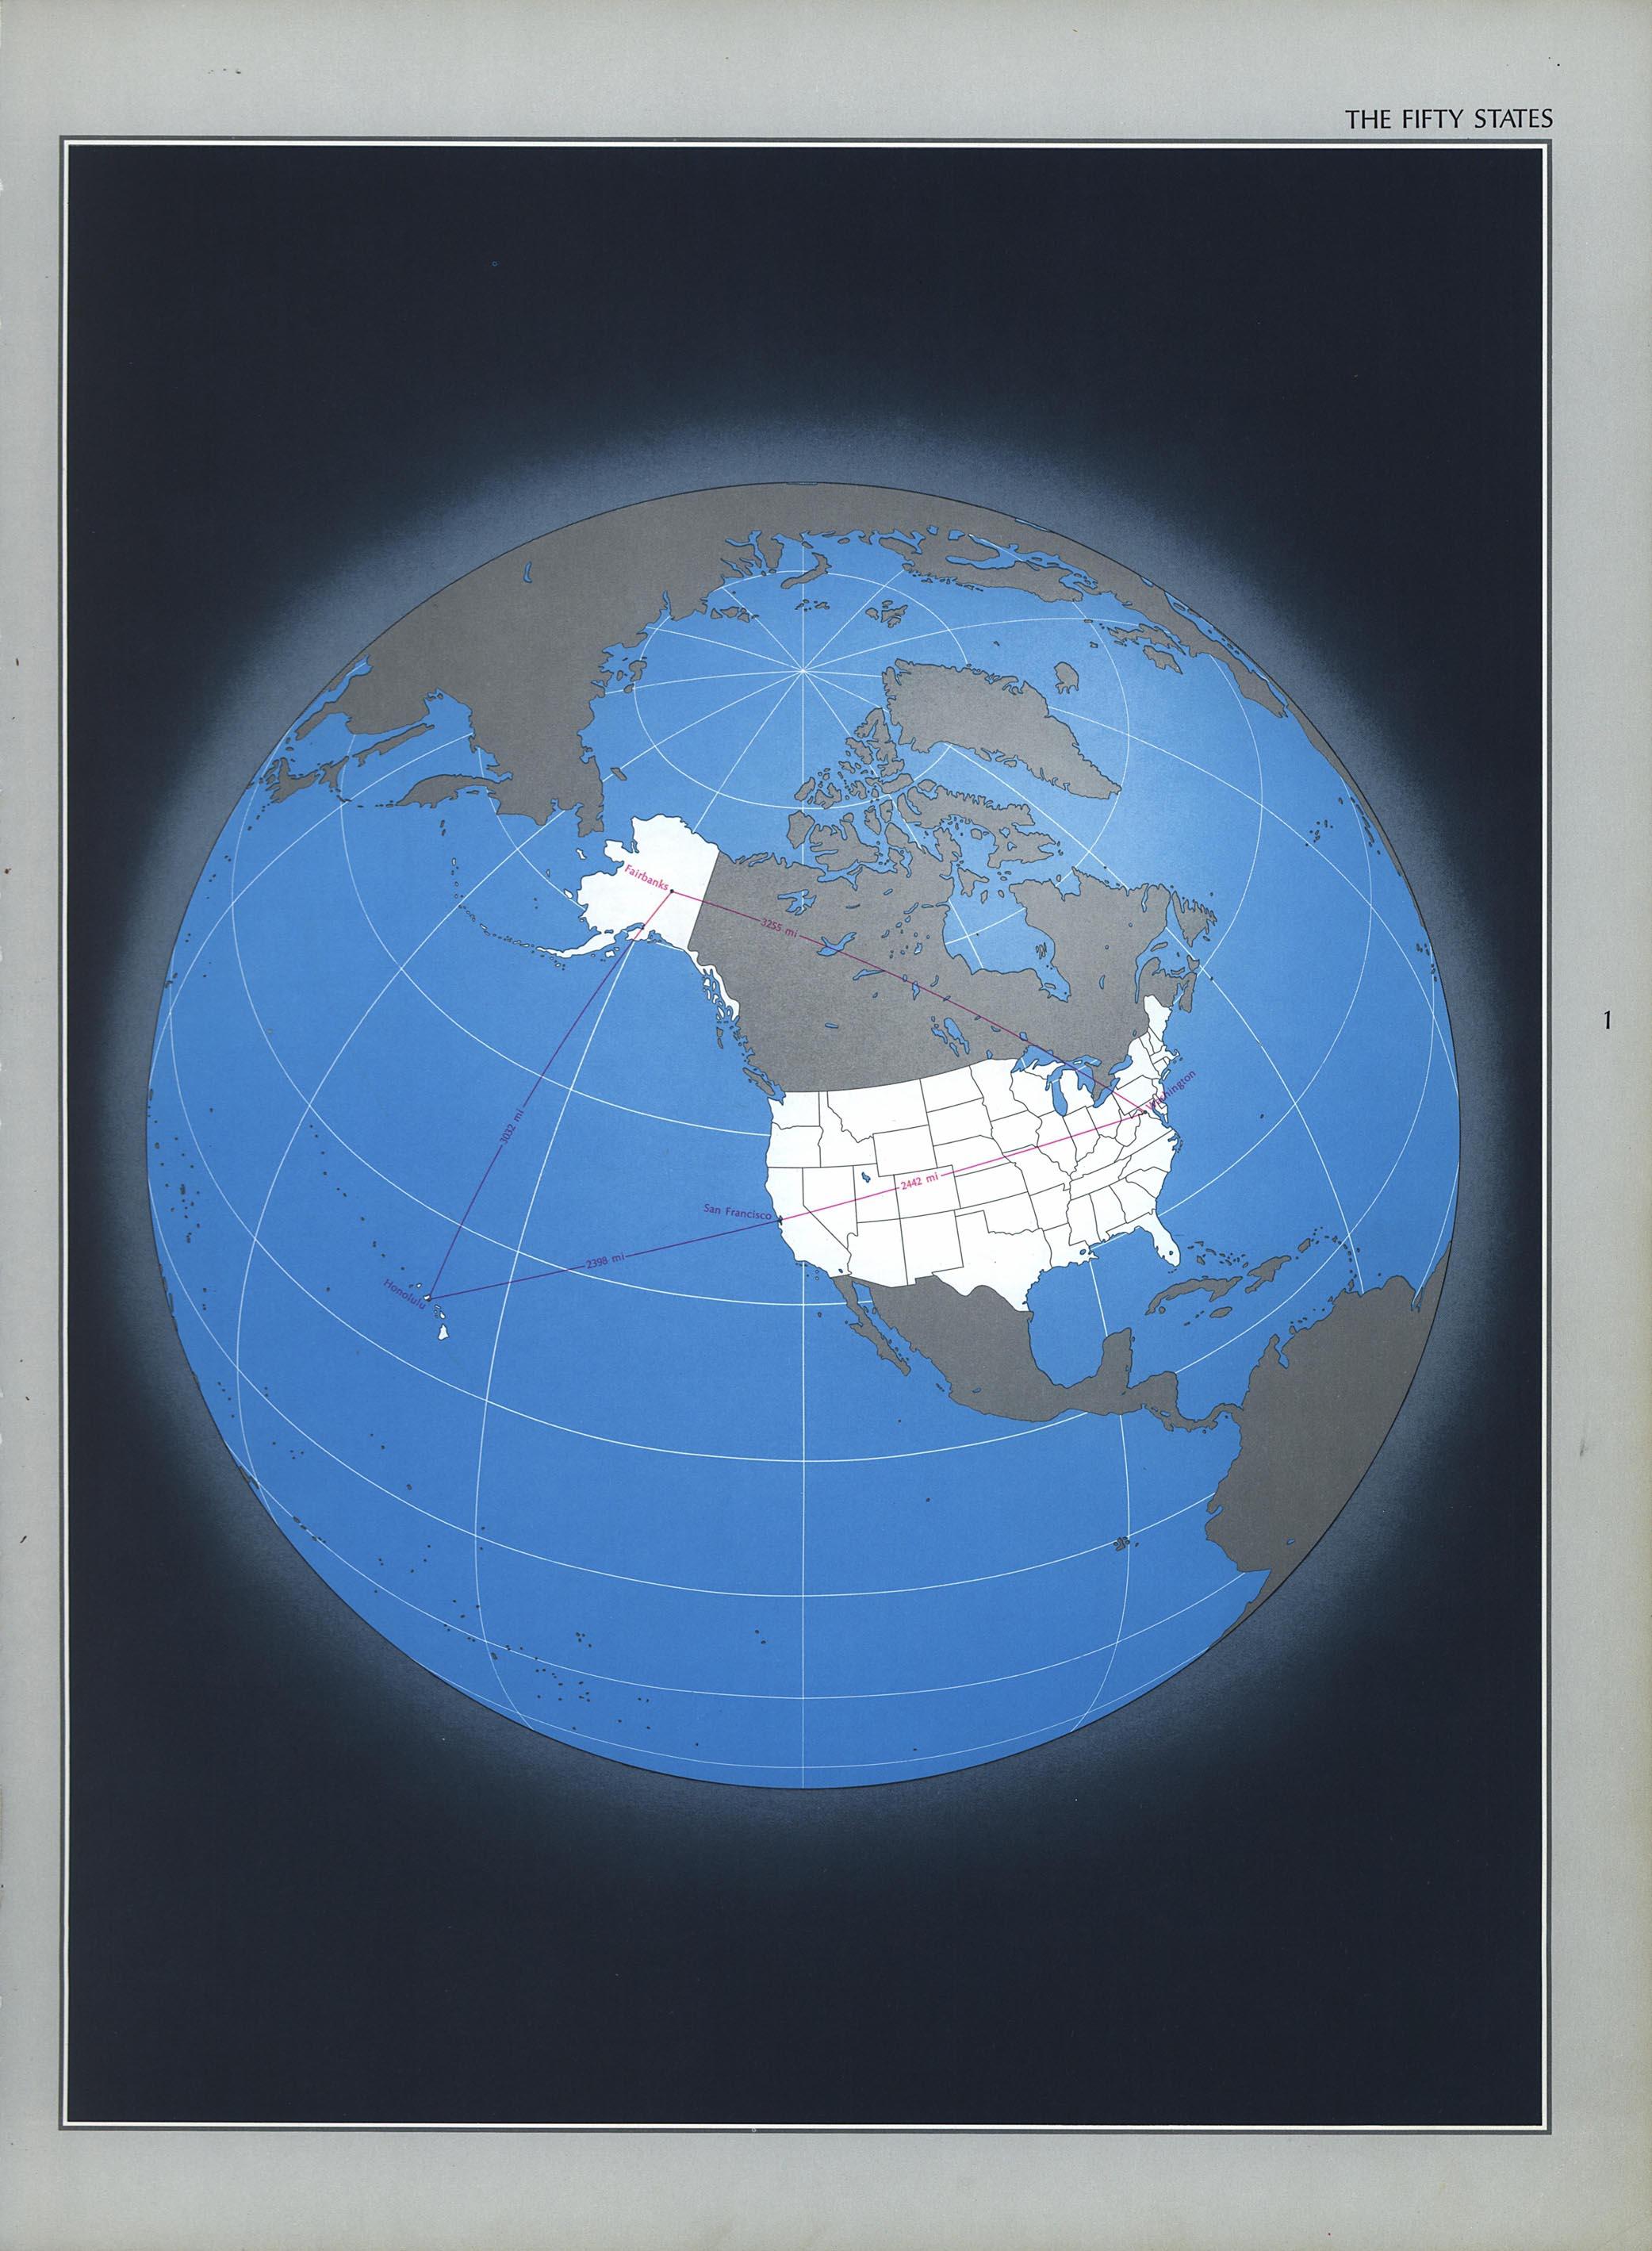 Mapa de los Cincuenta Estados, Estados Unidos